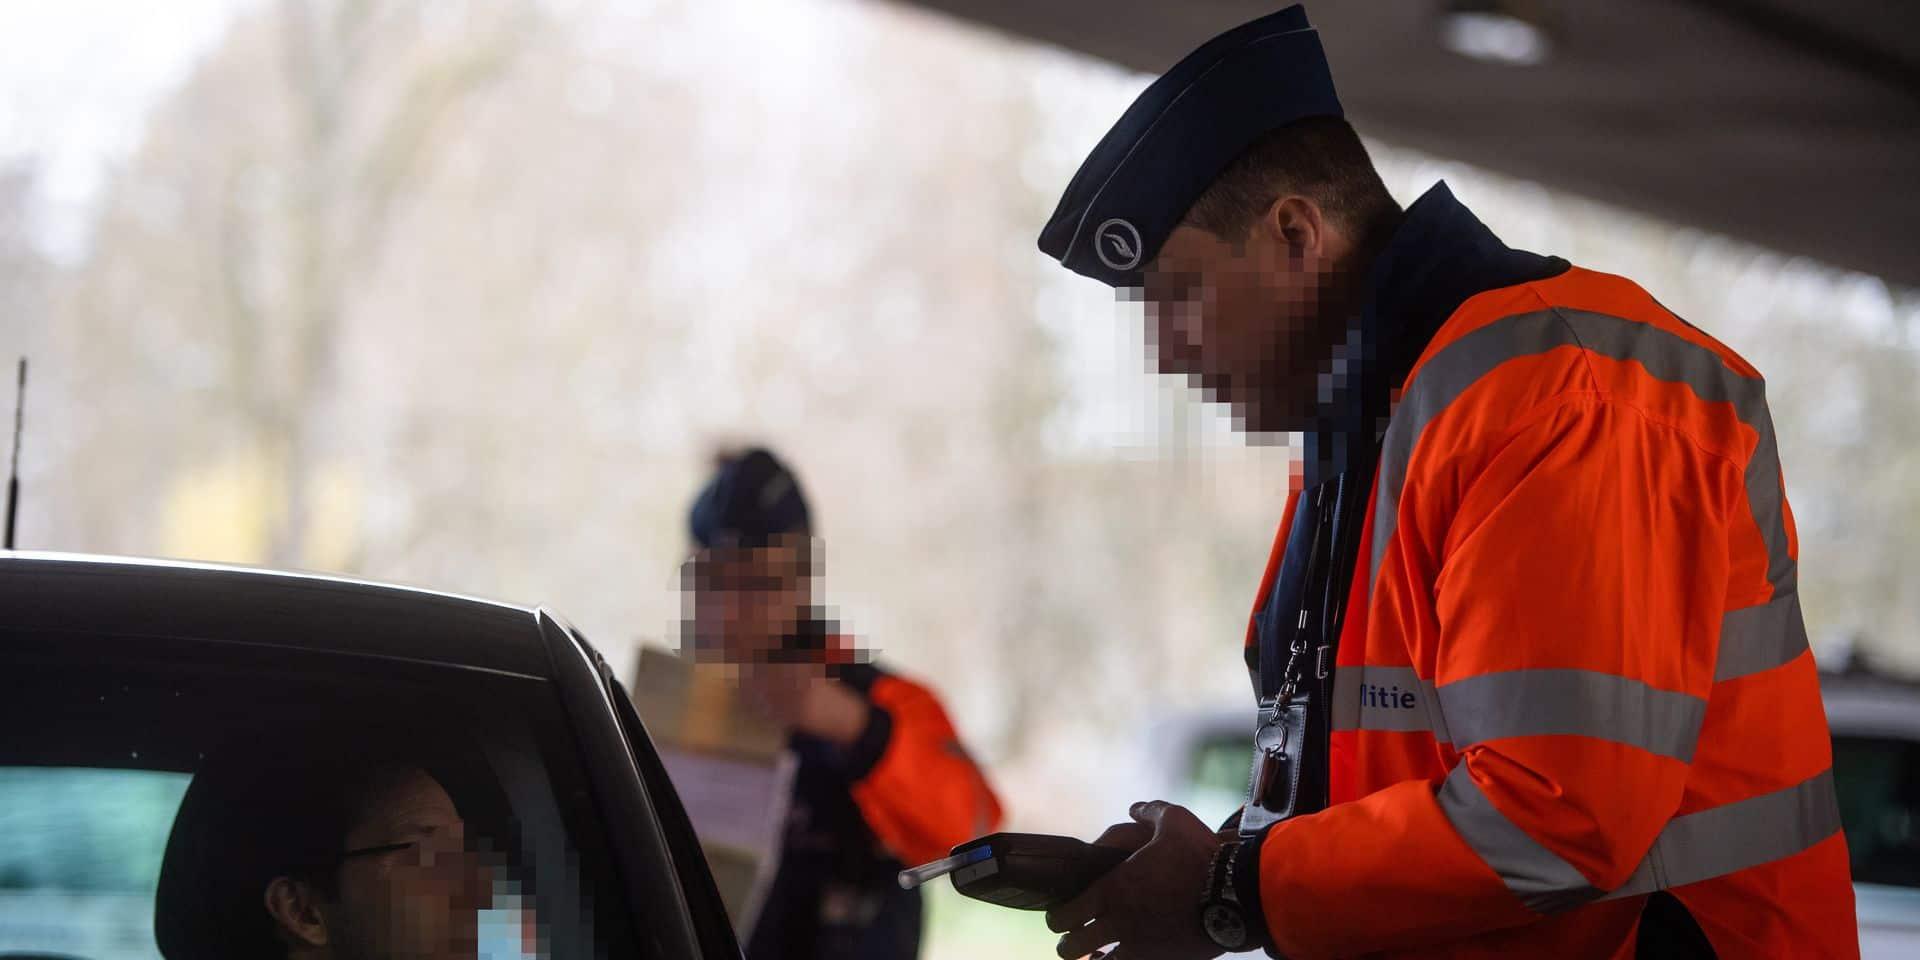 Zone de police Bruxelles Capitale-Ixelles : Plus de 200 conducteurs contrôlés positifs à l'alcool entre avril et juin